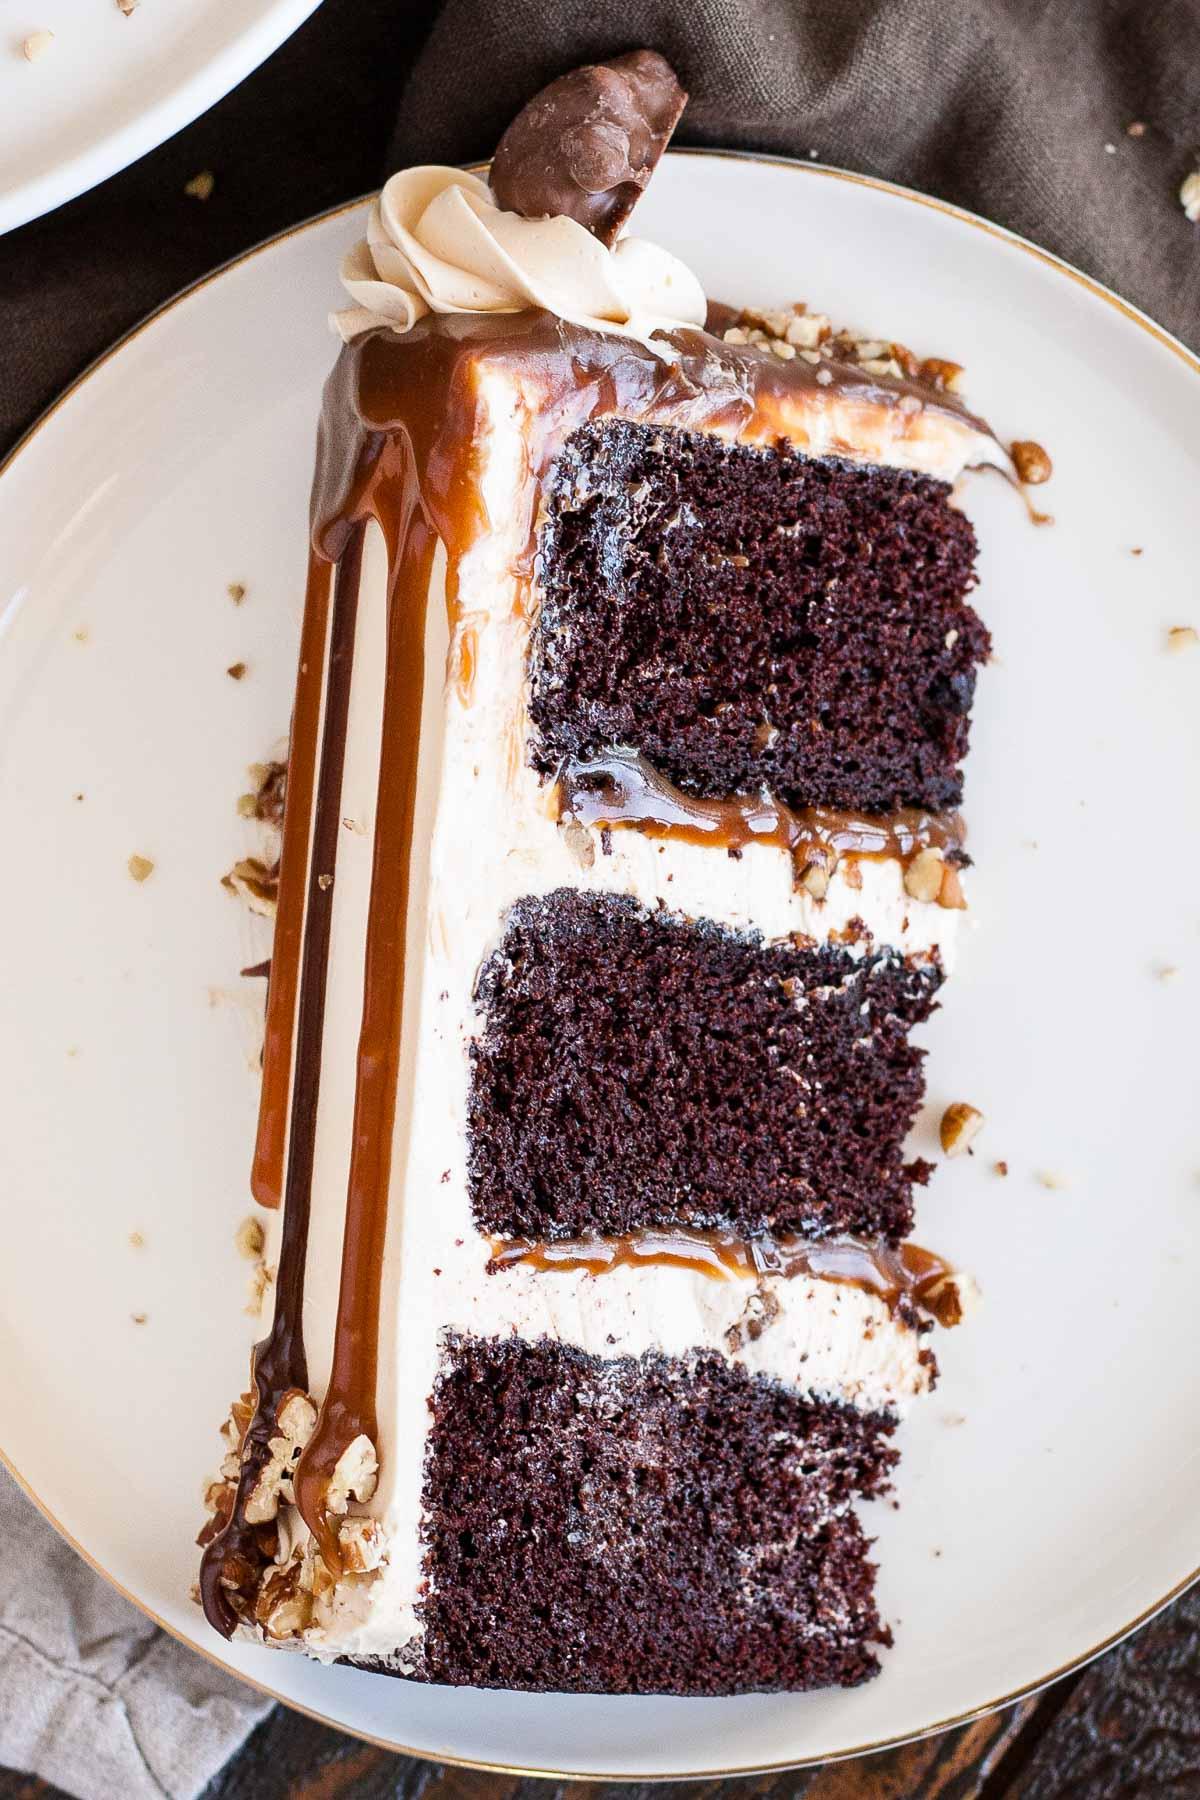 Transformez vos bonbons préférés en Tortues Layer Cake!  Couches de riche gâteau au chocolat, crème au beurre de caramel, sauce au caramel et noix de pécan.  |  Livforcake.com